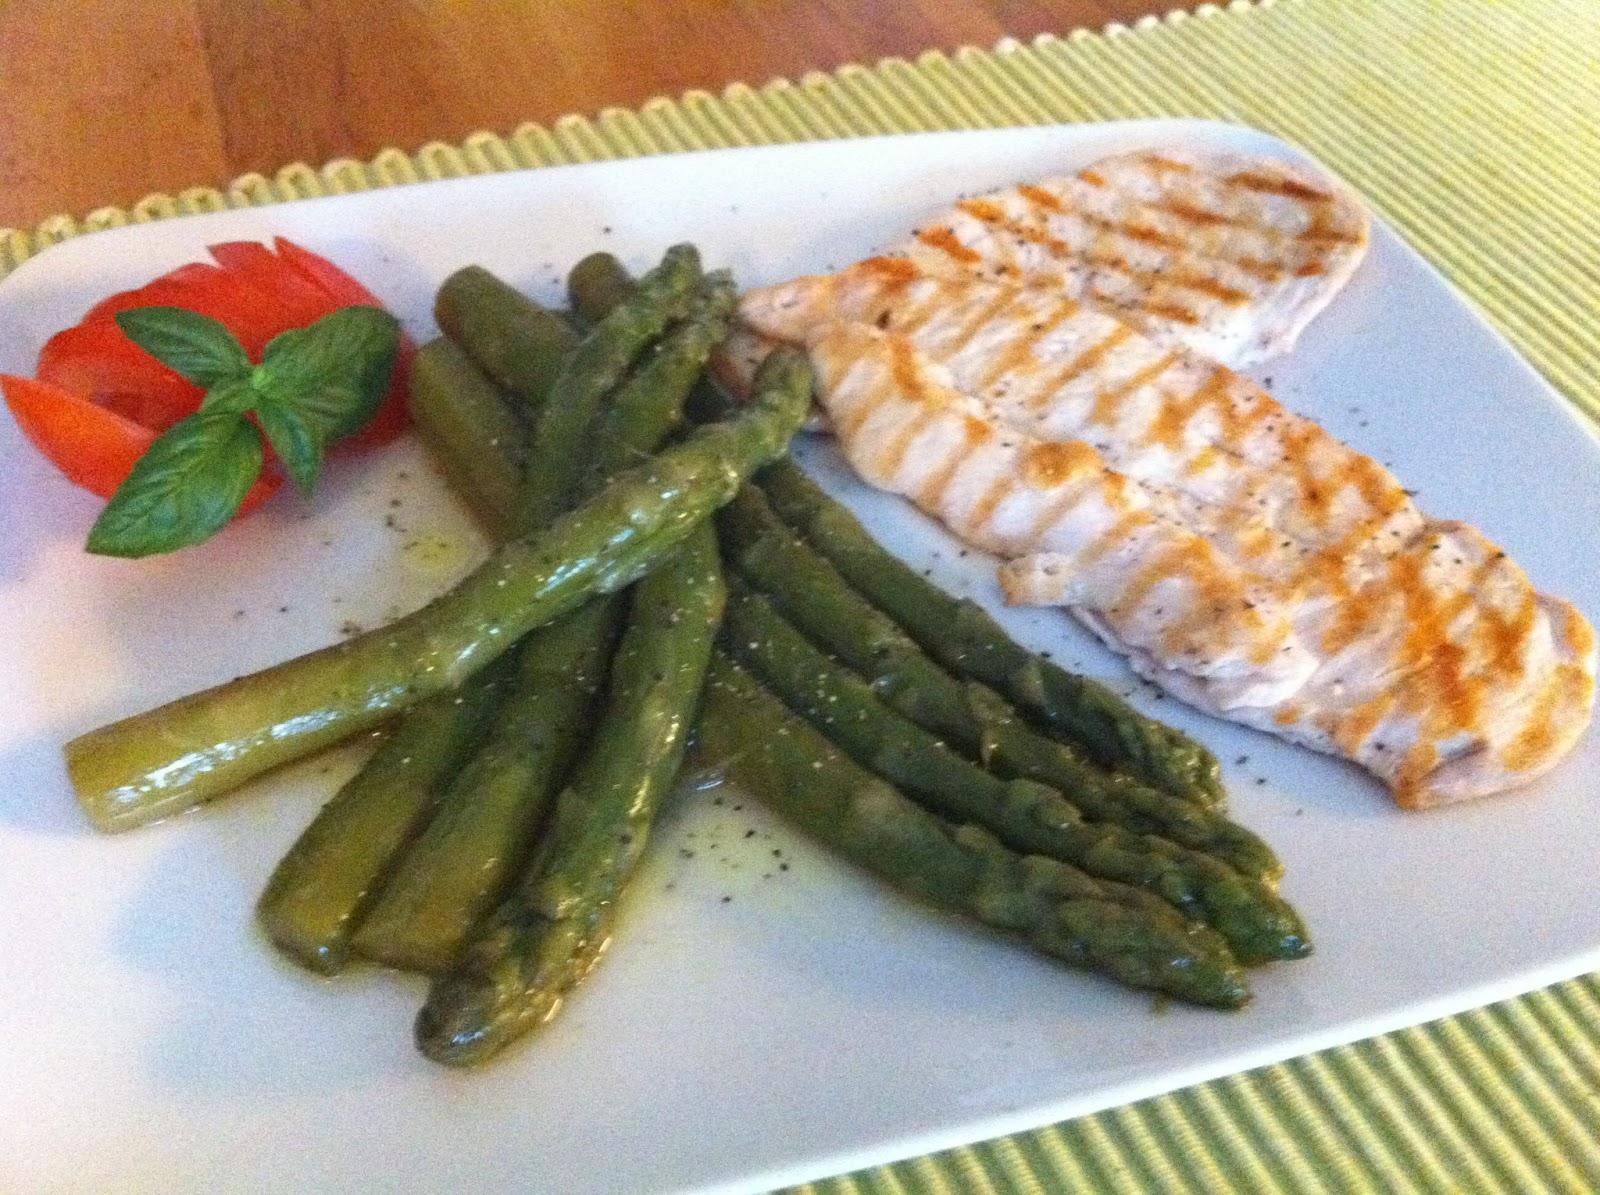 Ricetta Asparagi Verdi In Padella.Cucina Con Kristina Le Delizie Home Made Asparagi In Padella